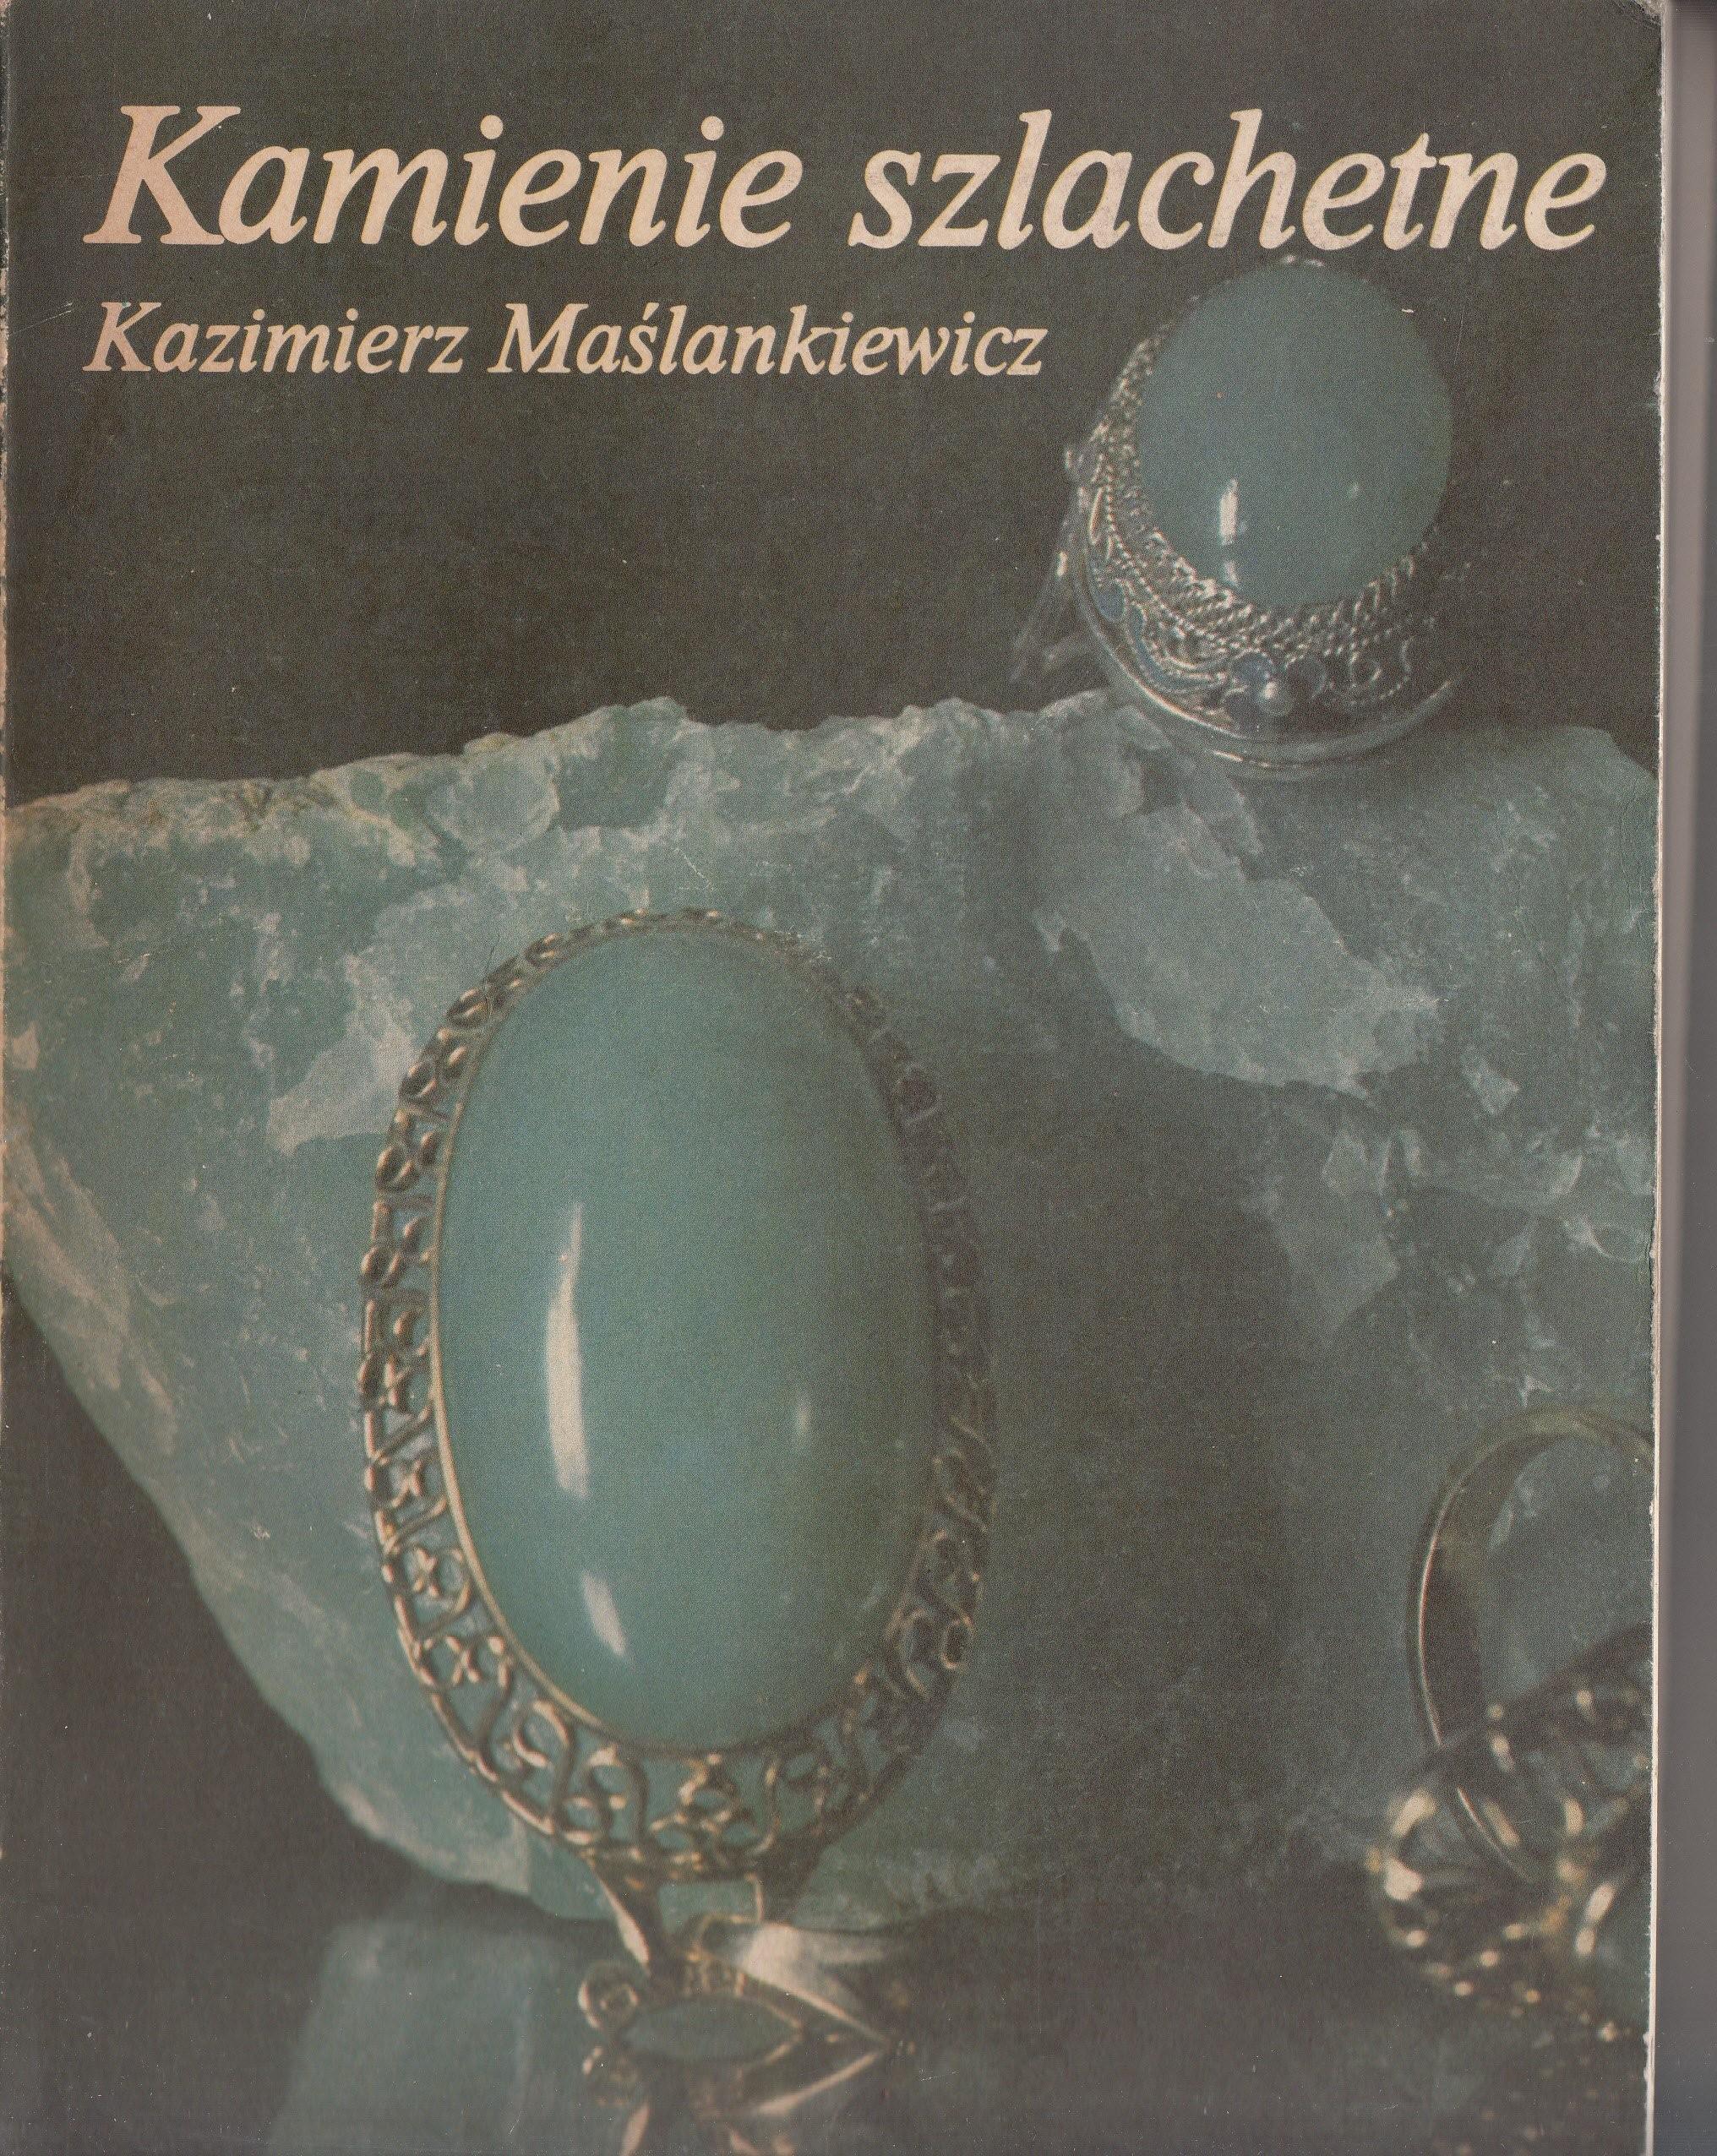 Kamienie szlachetne Maslankiewicz